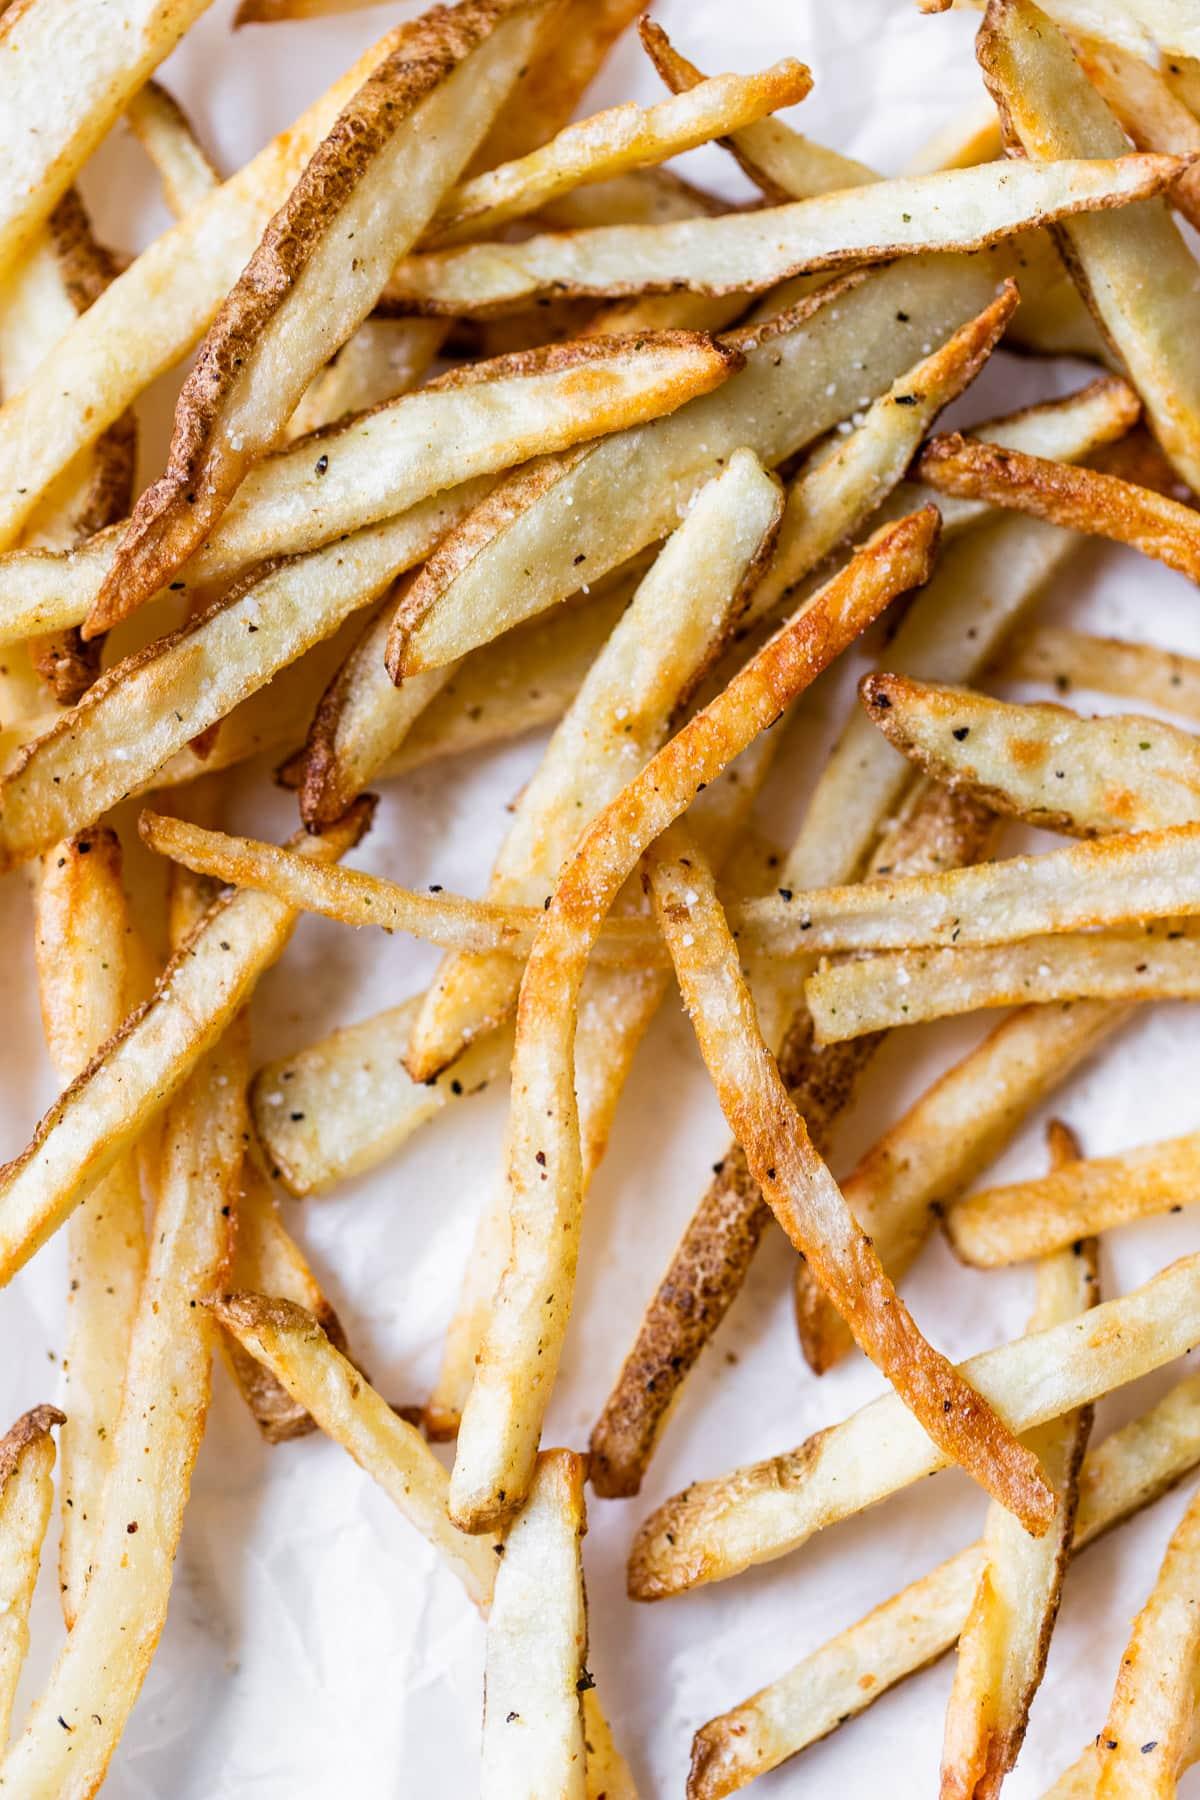 Seasoned air fryer french fries